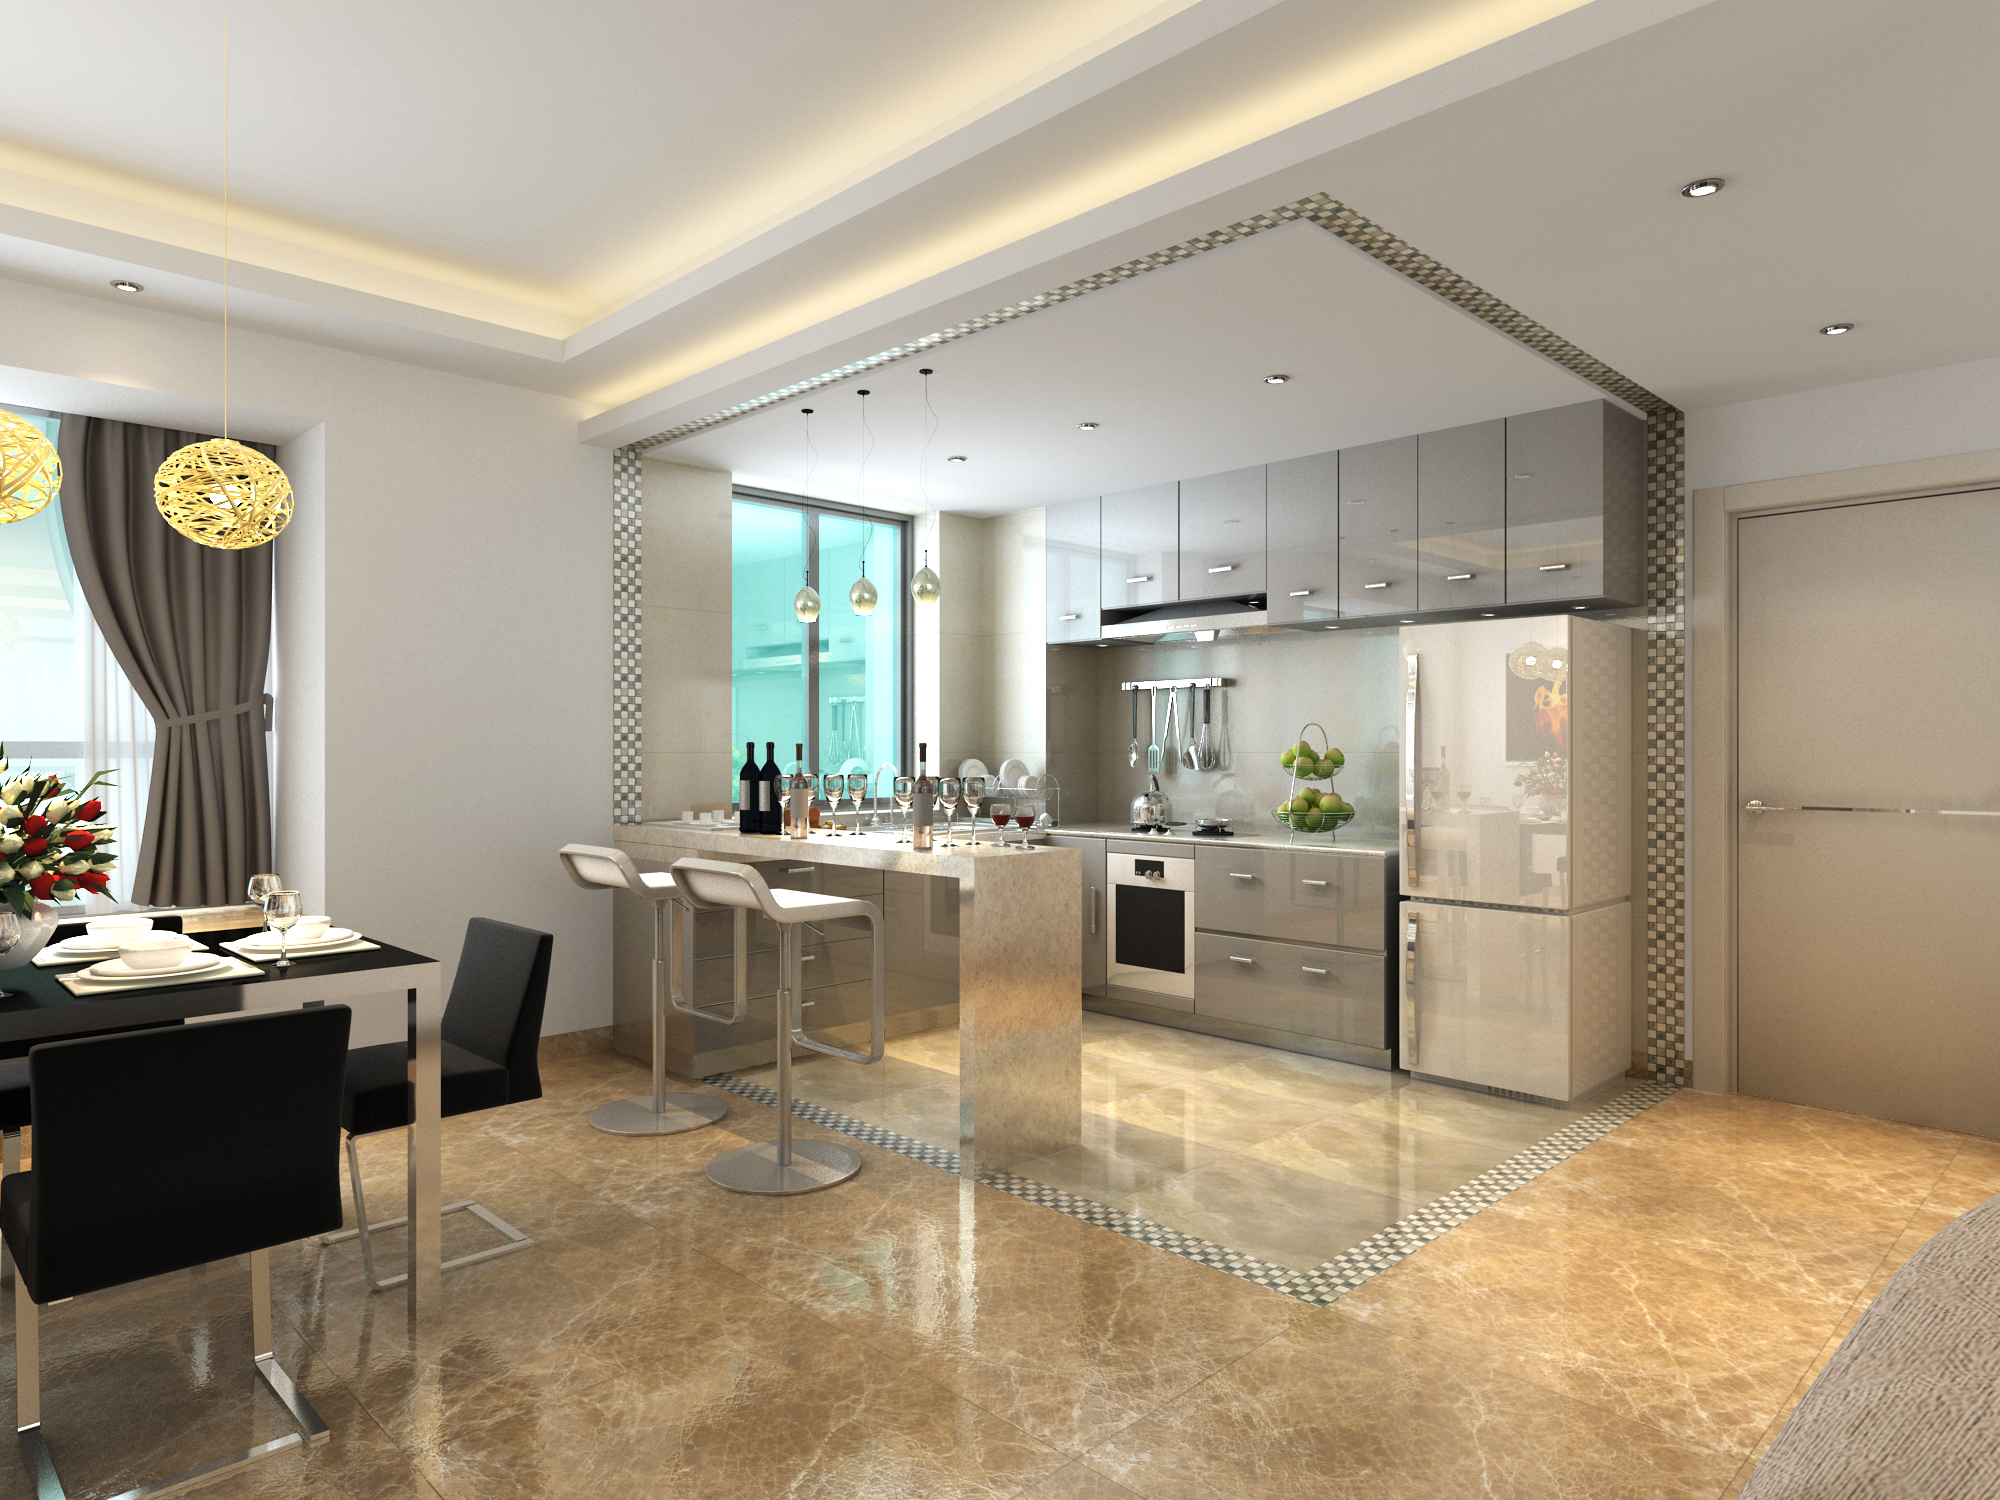 简约厨房装修效果图高清图片